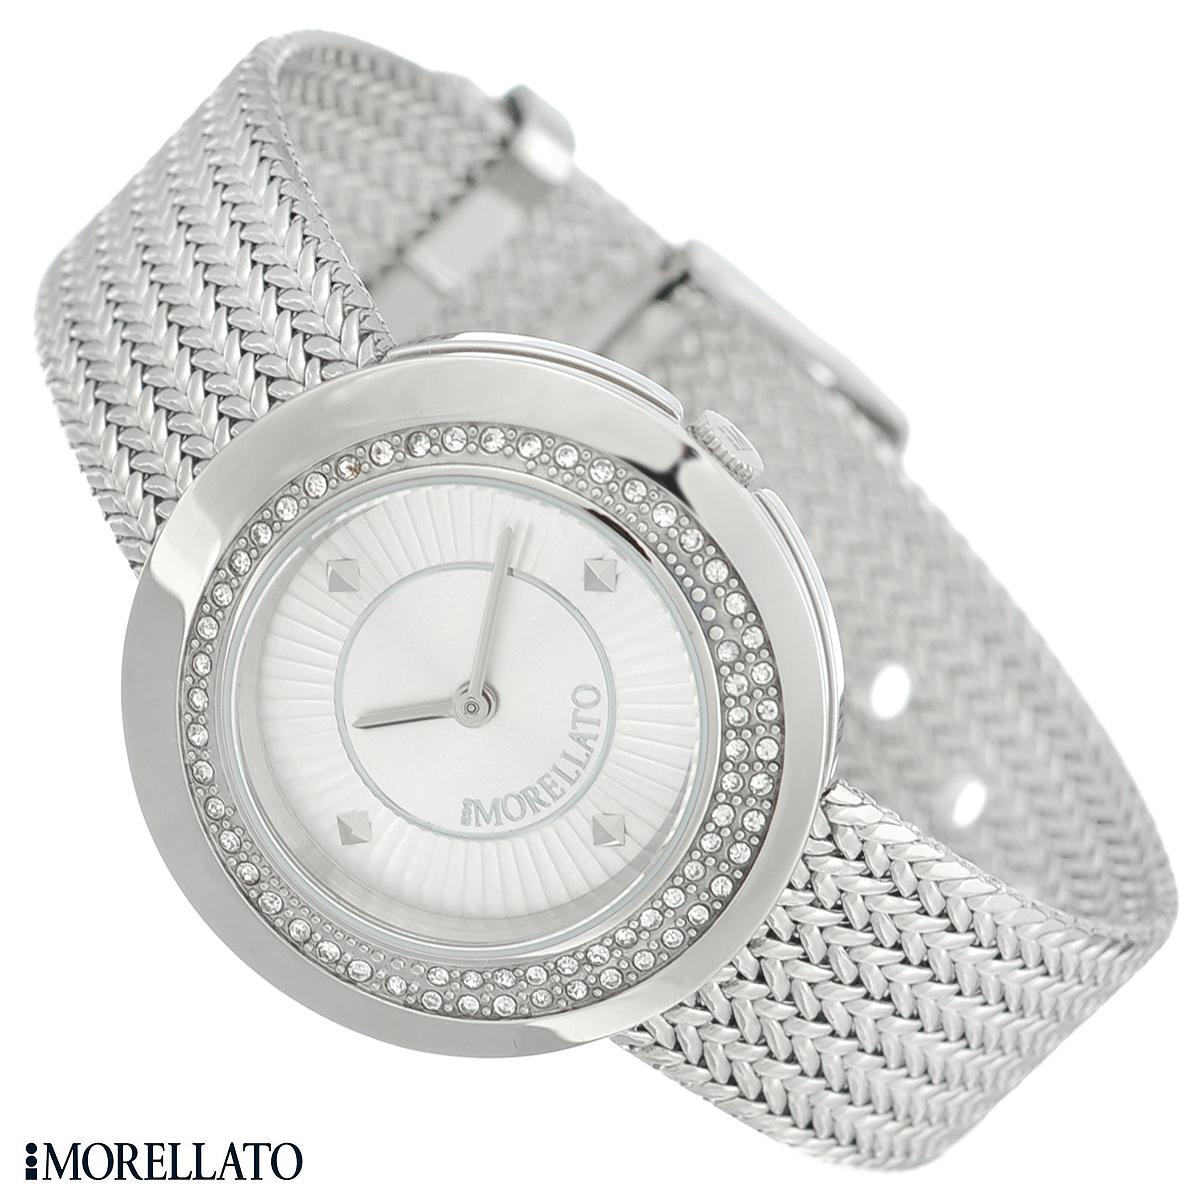 Часы женские наручные Morellato, цвет: серебристый. R0153112502R0153112502